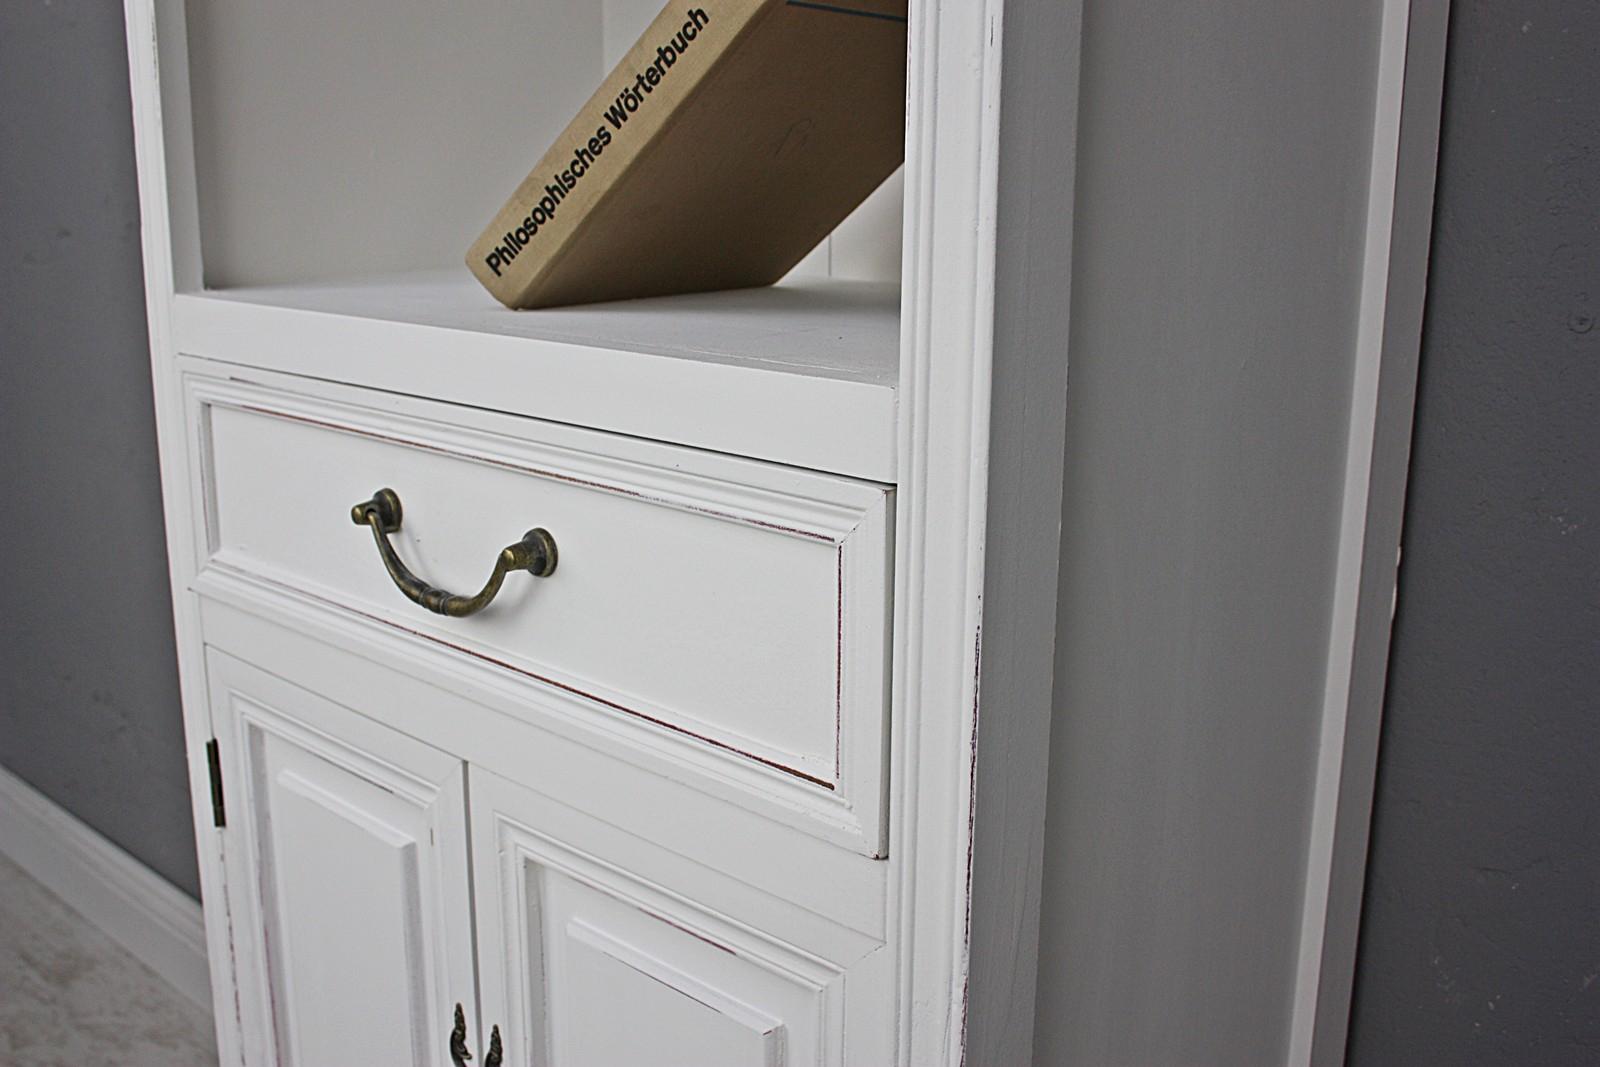 Küchenschrank Schrank weiß Holz